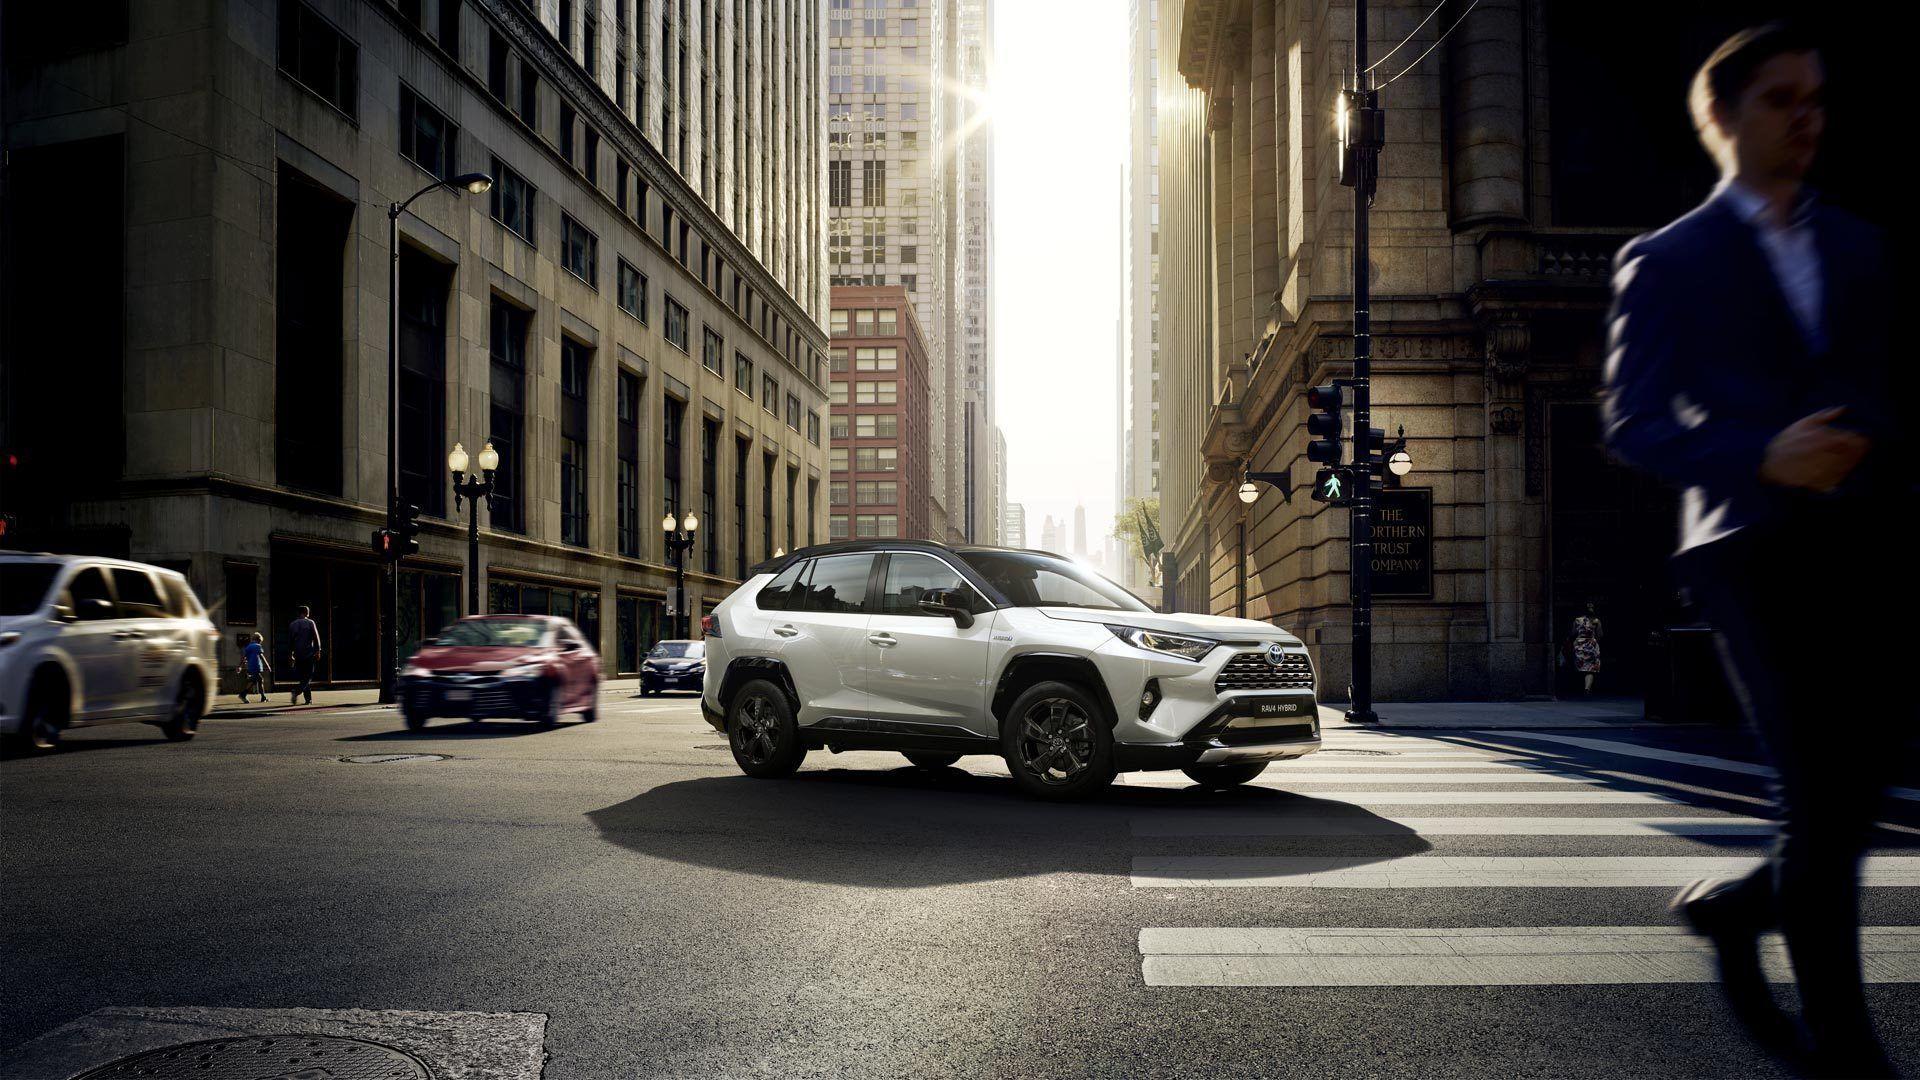 Our 2019 Toyota Rav4 Is Bigger Bolder Safer Powerful More